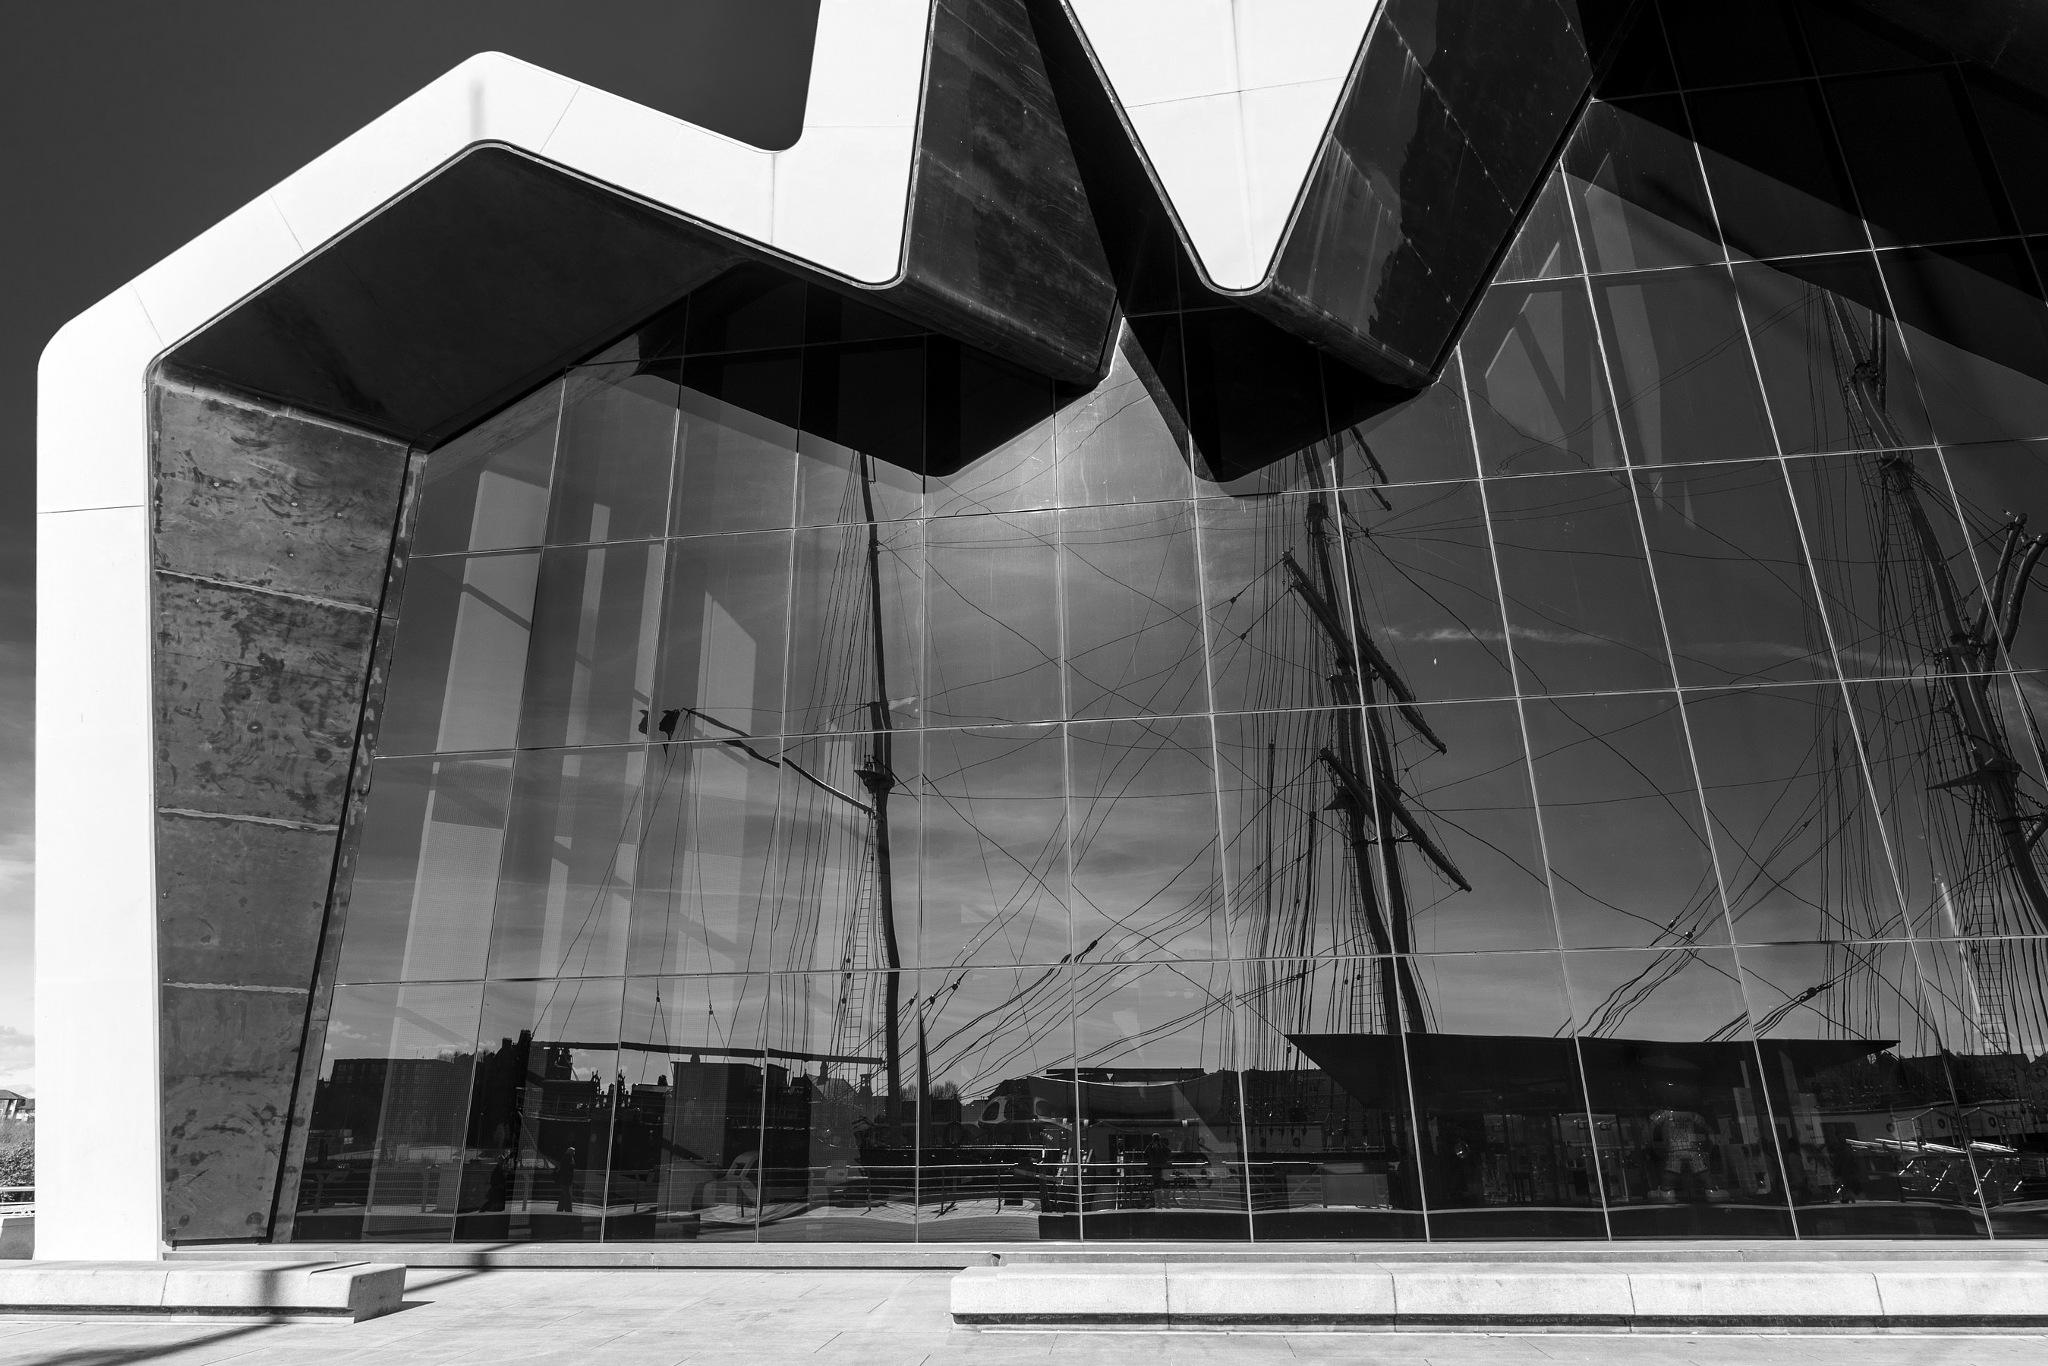 Reflection by Svatopluk